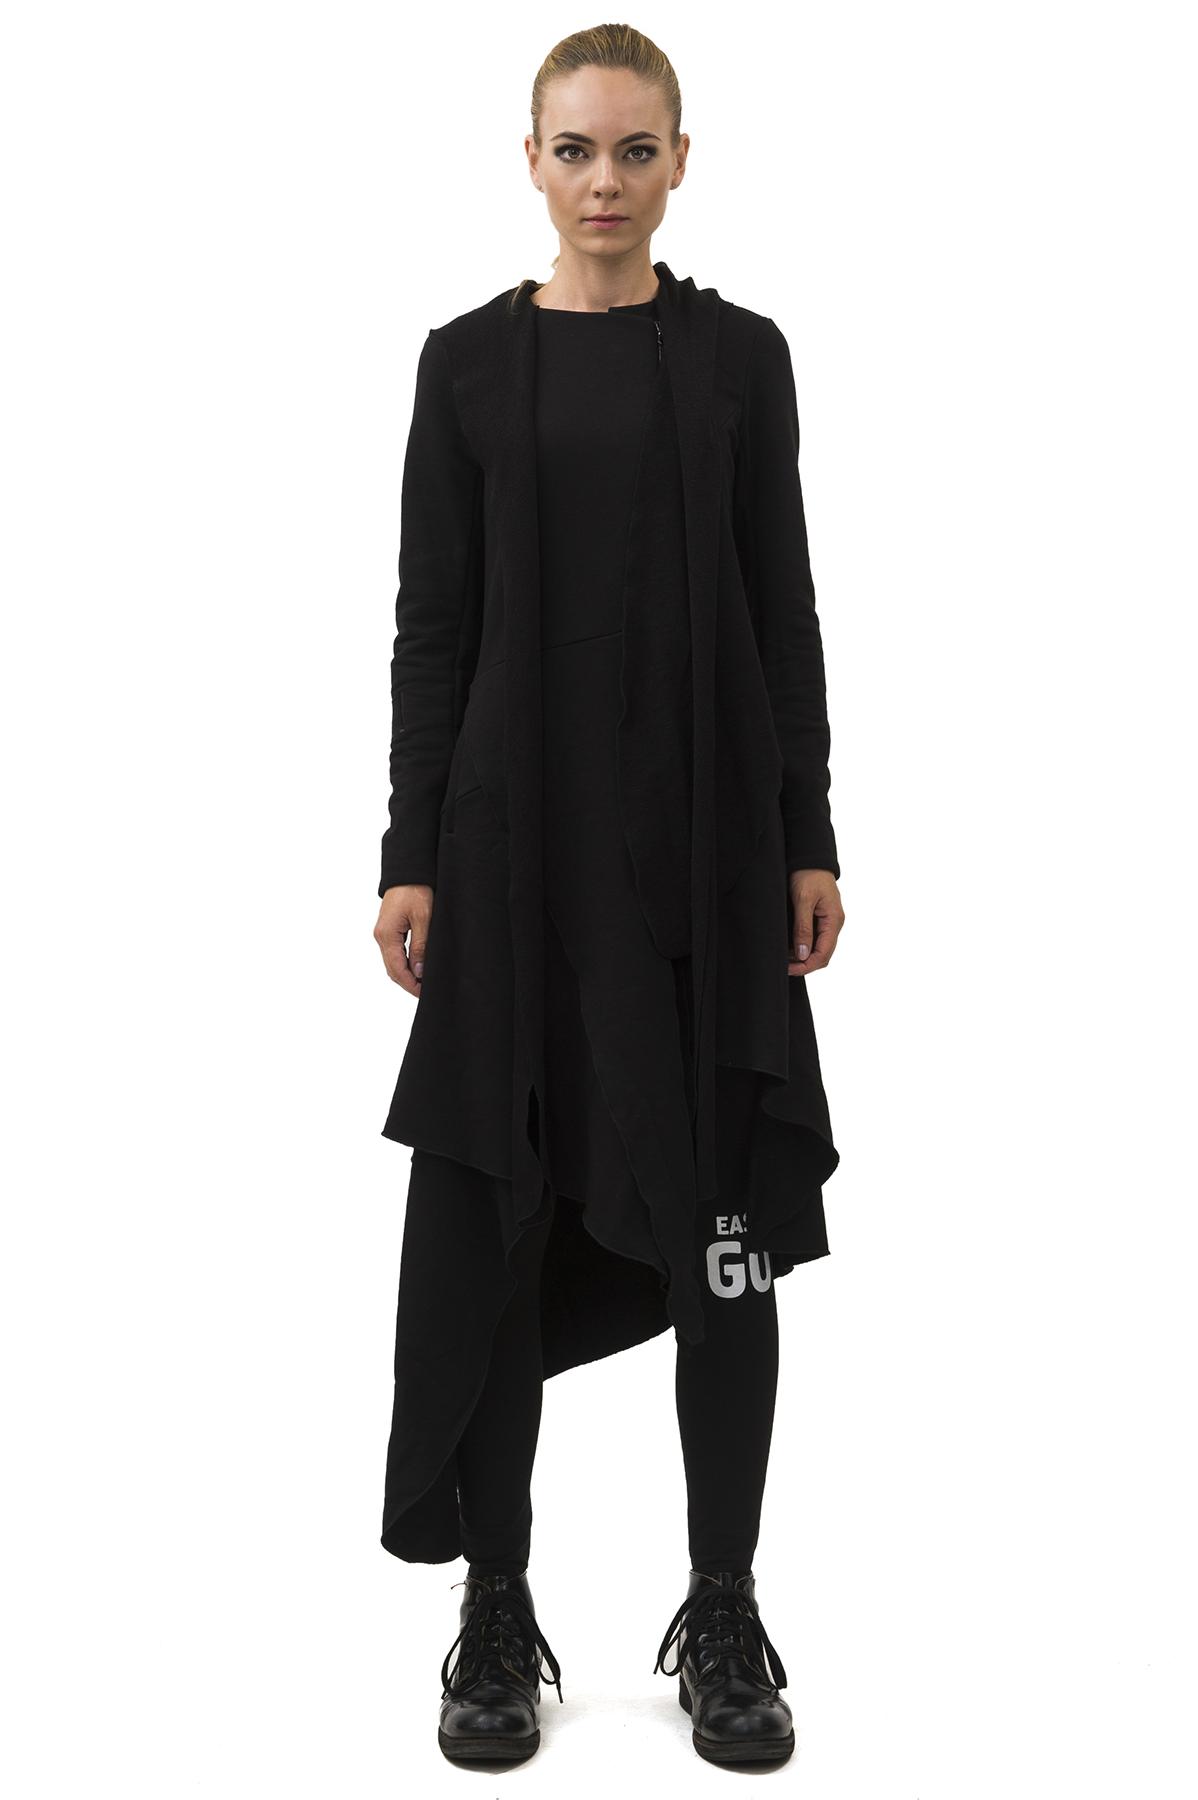 ПальтоЖенские куртки, плащи, пальто<br>Пальто Pavel Yerokin выполнено из ткани рокко. Особенности: сложный расчлененный, асимметричный крой, застежка на молнии, заостренный капюшон, длинный рукав.<br><br>Цвет: черный<br>Состав: Хлопок - 70%, Полиэстер - 30%<br>Размер: 40,42,44,46,48,50,52,54<br>Страна дизайна: Россия<br>Страна производства: Россия